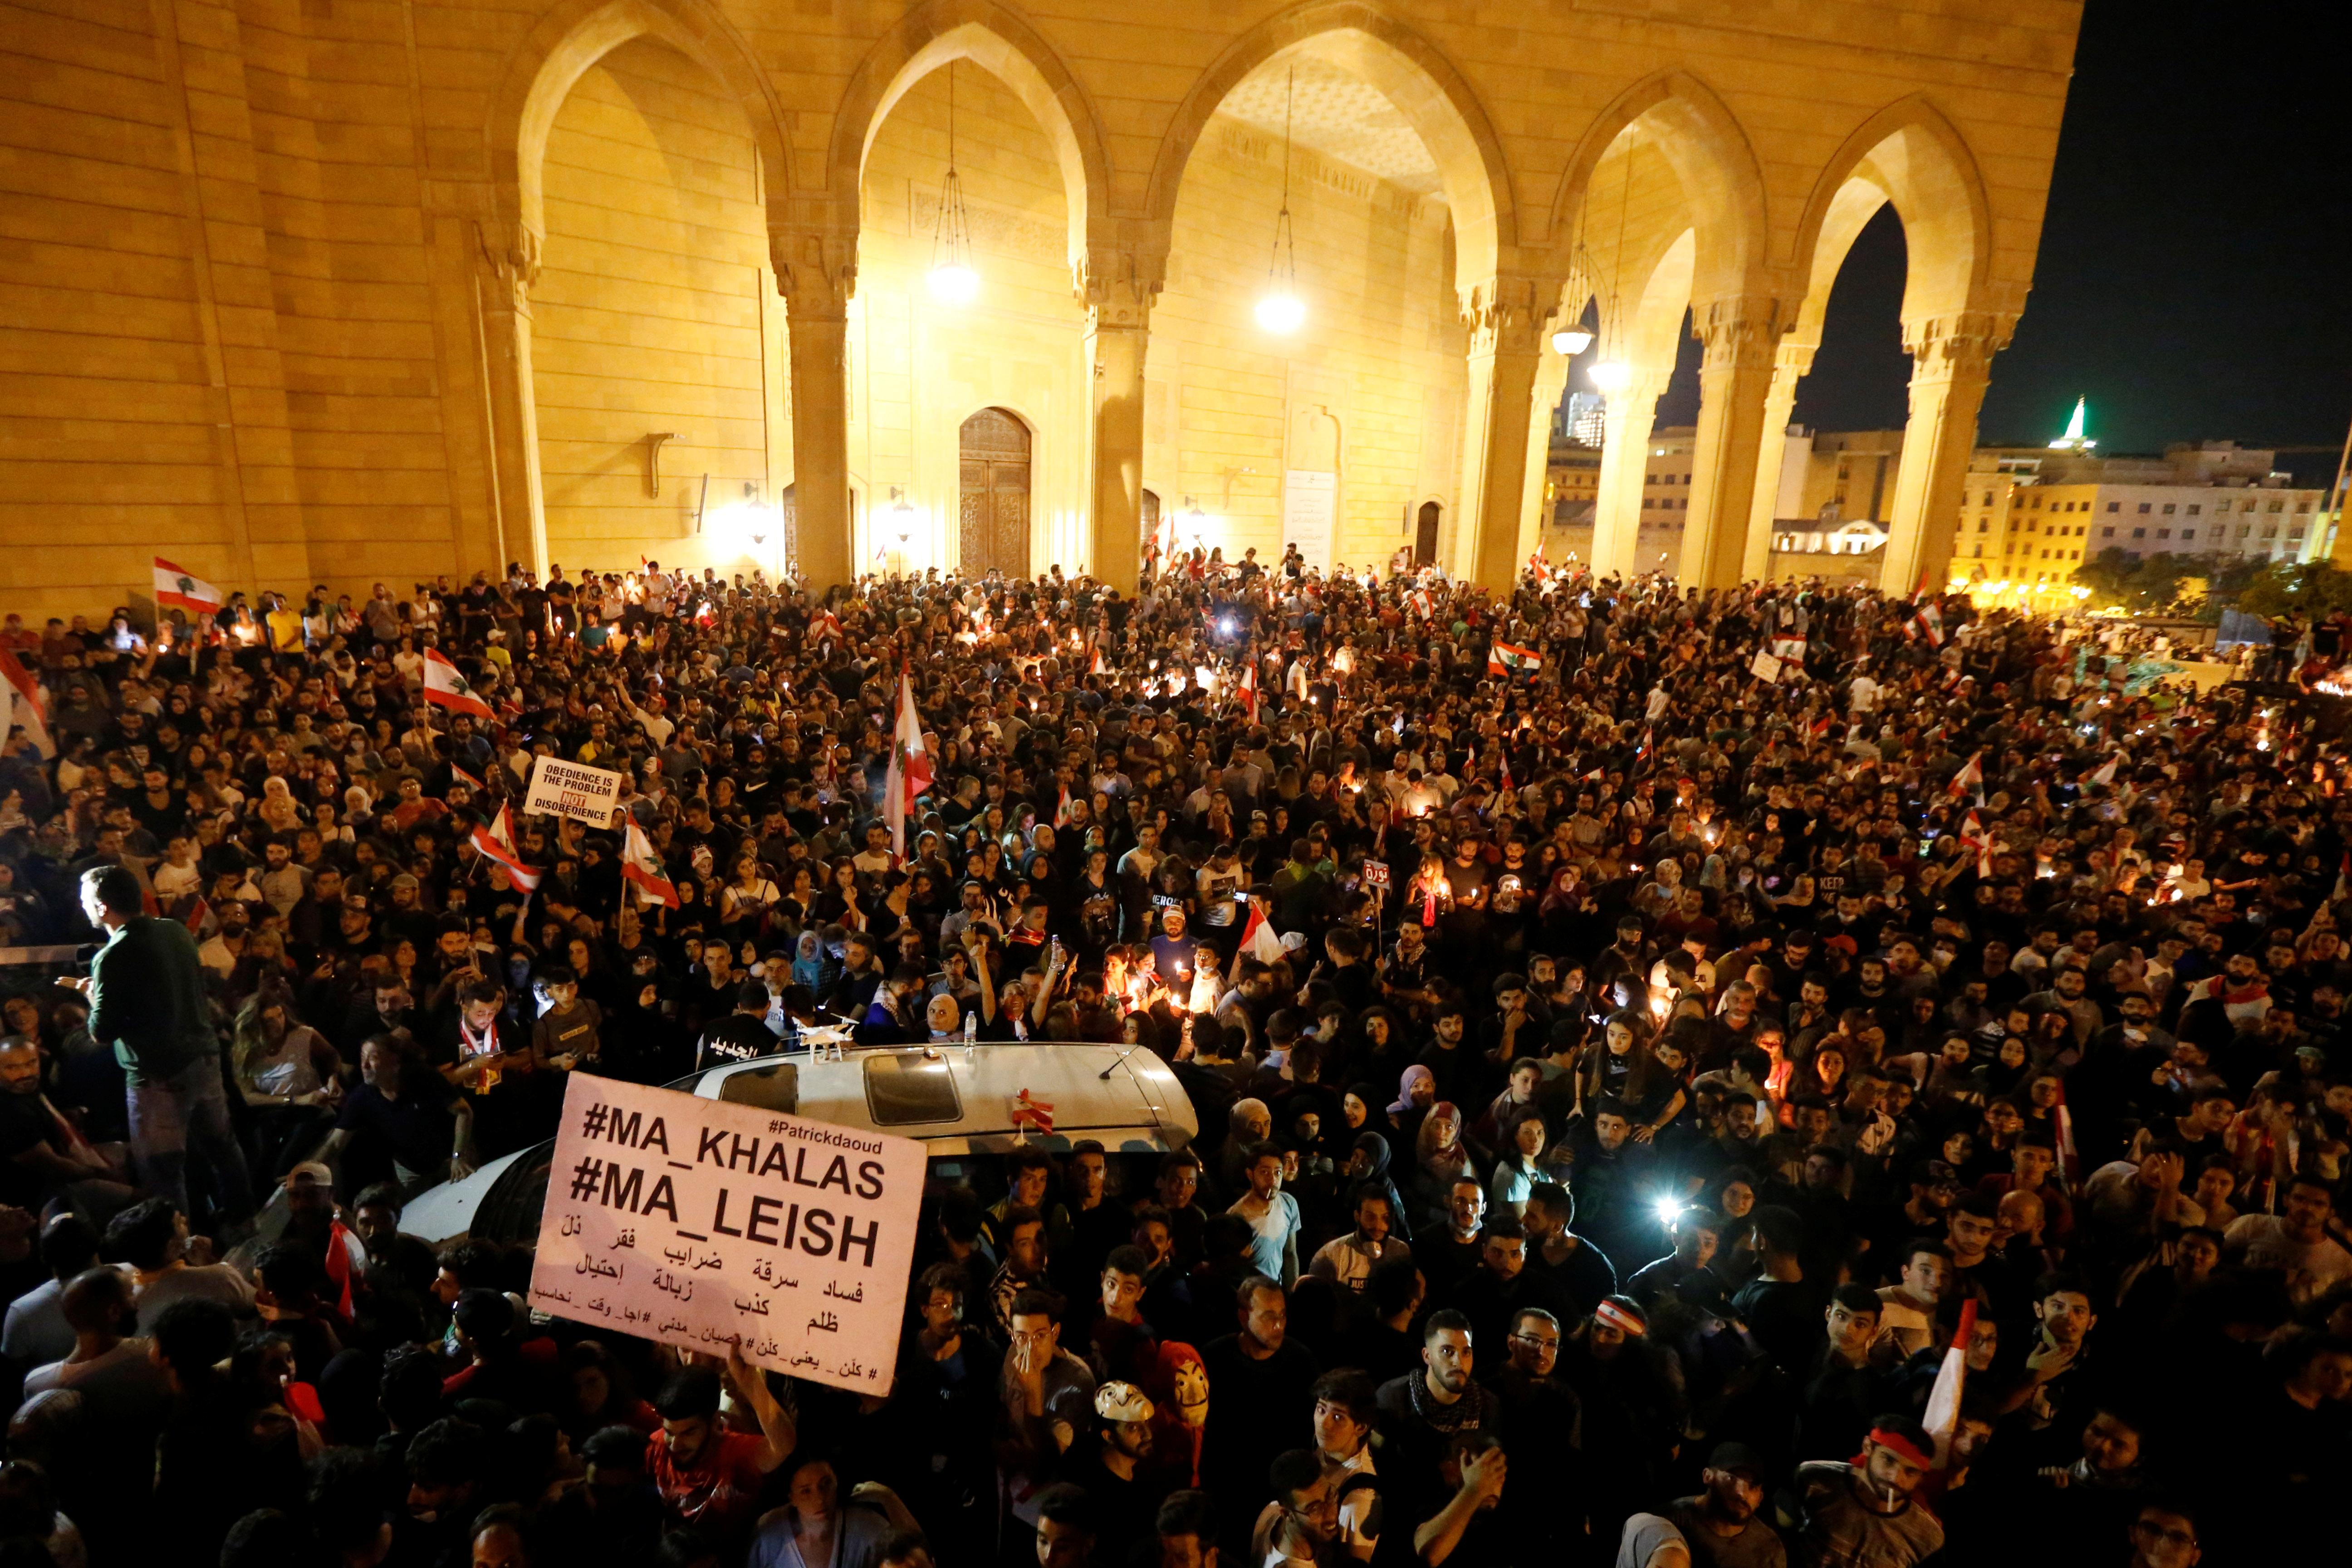 تجمع حاشد للمحتجين في وسط بيروت